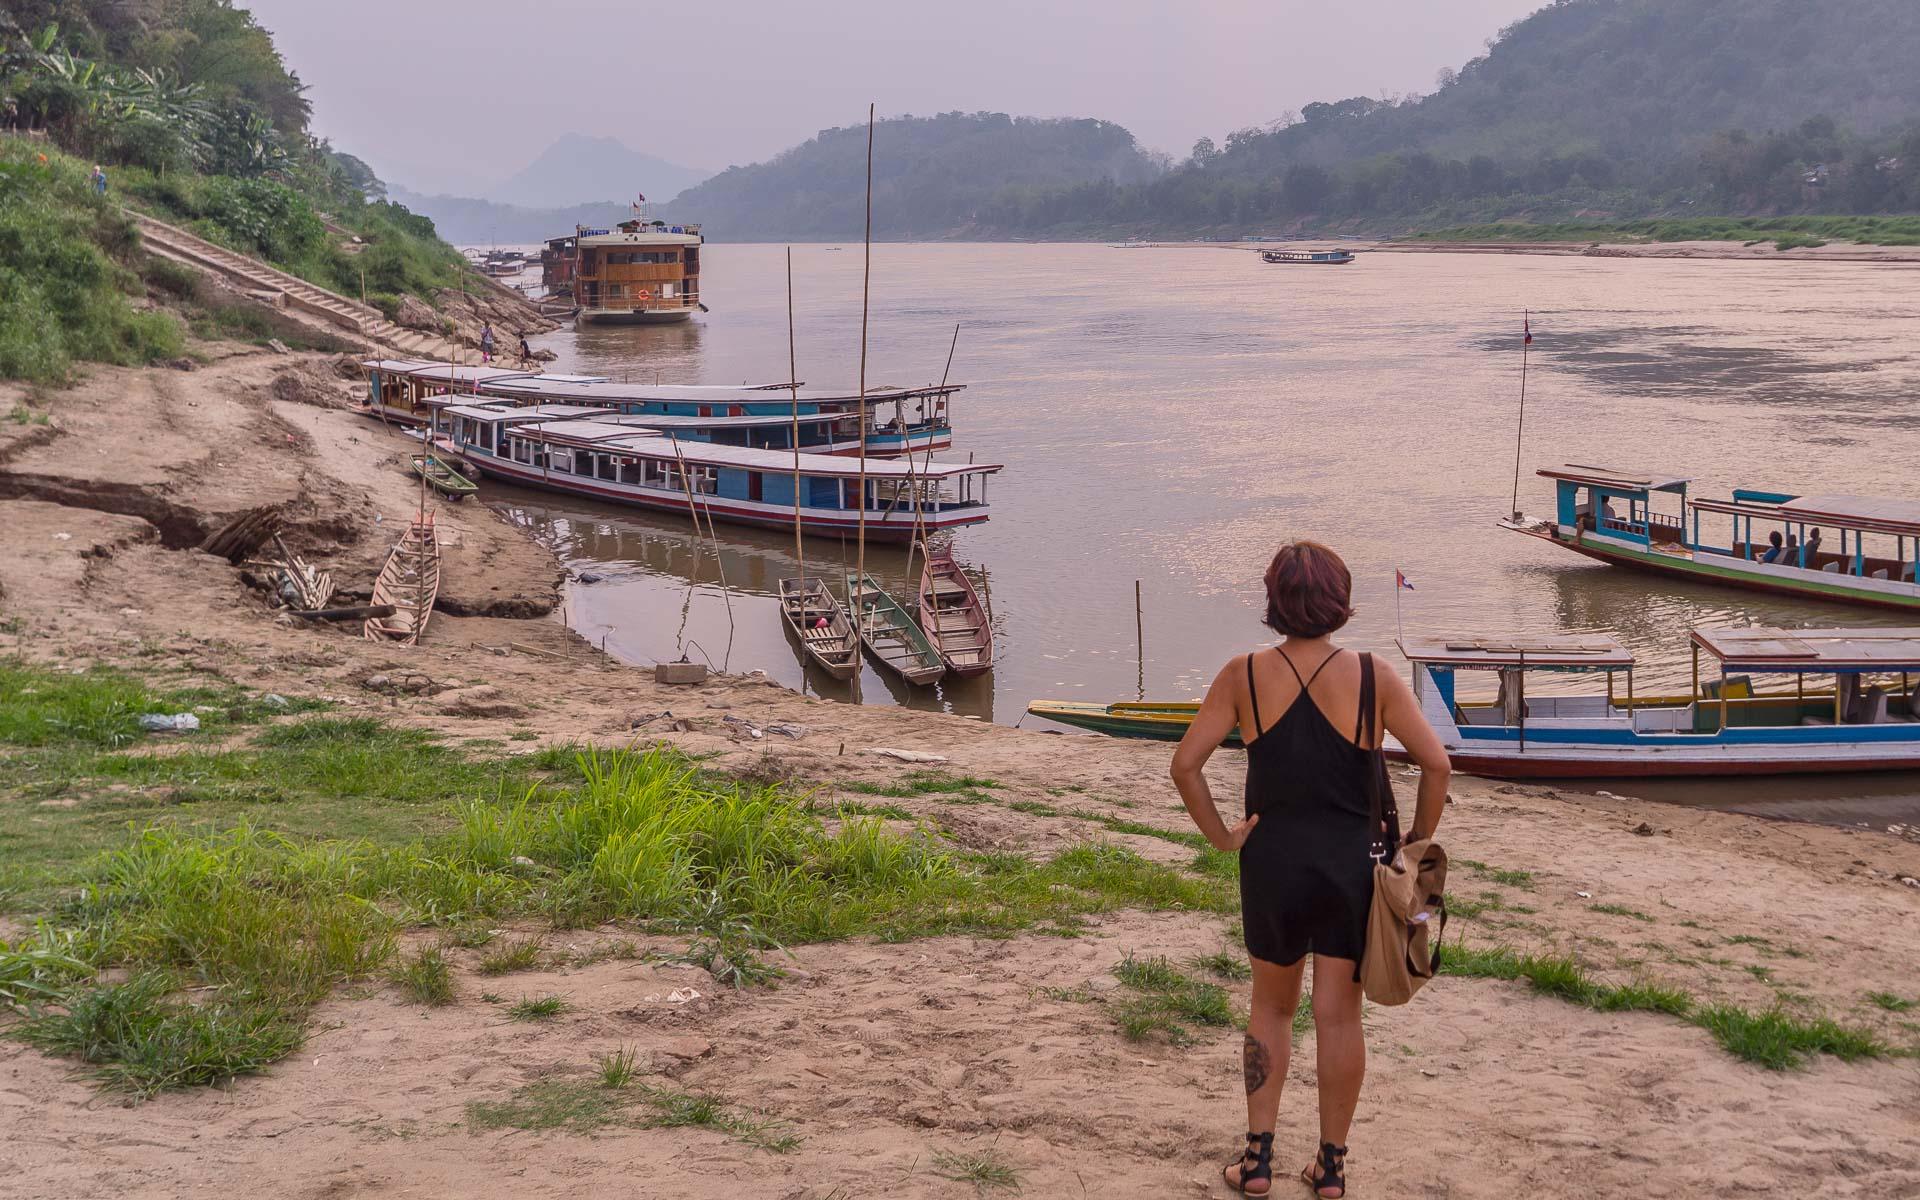 Lesvoyageuses-voyager-au-laos-luang-prabang-croisiere-mekong-8